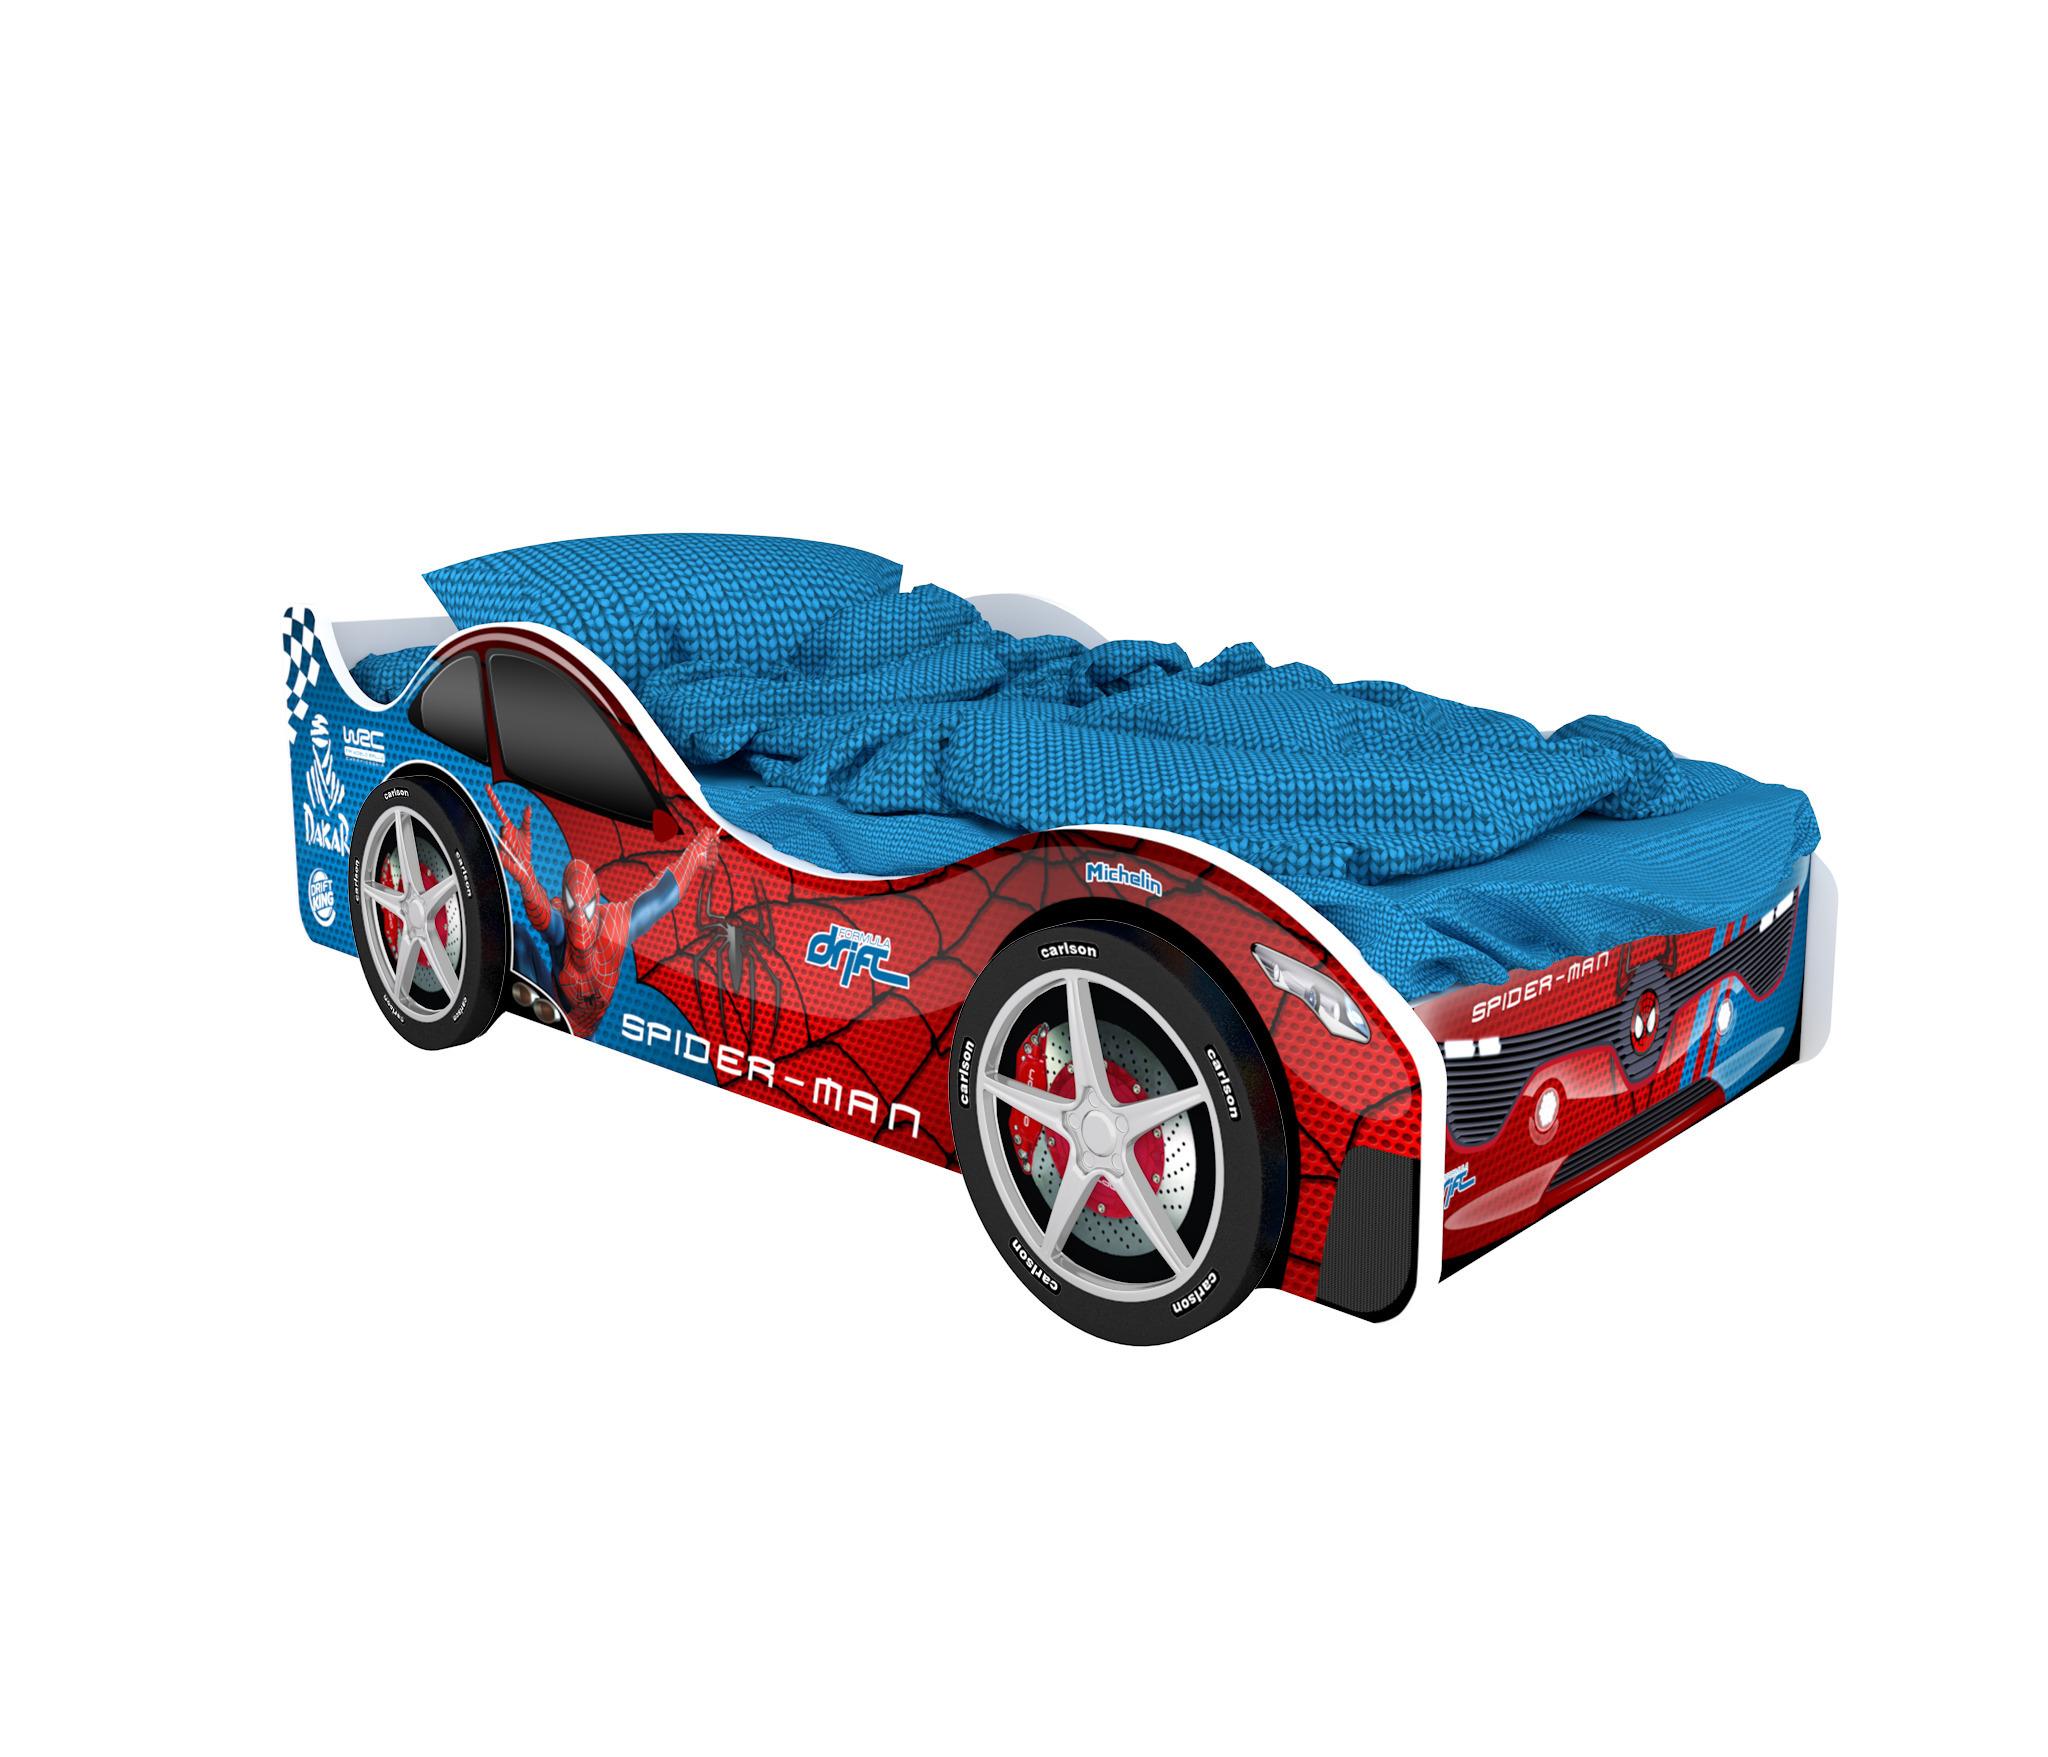 Кровать машина БостонКровати - машины<br><br><br>Длина мм: 1700<br>Высота мм: 500<br>Глубина мм: 750